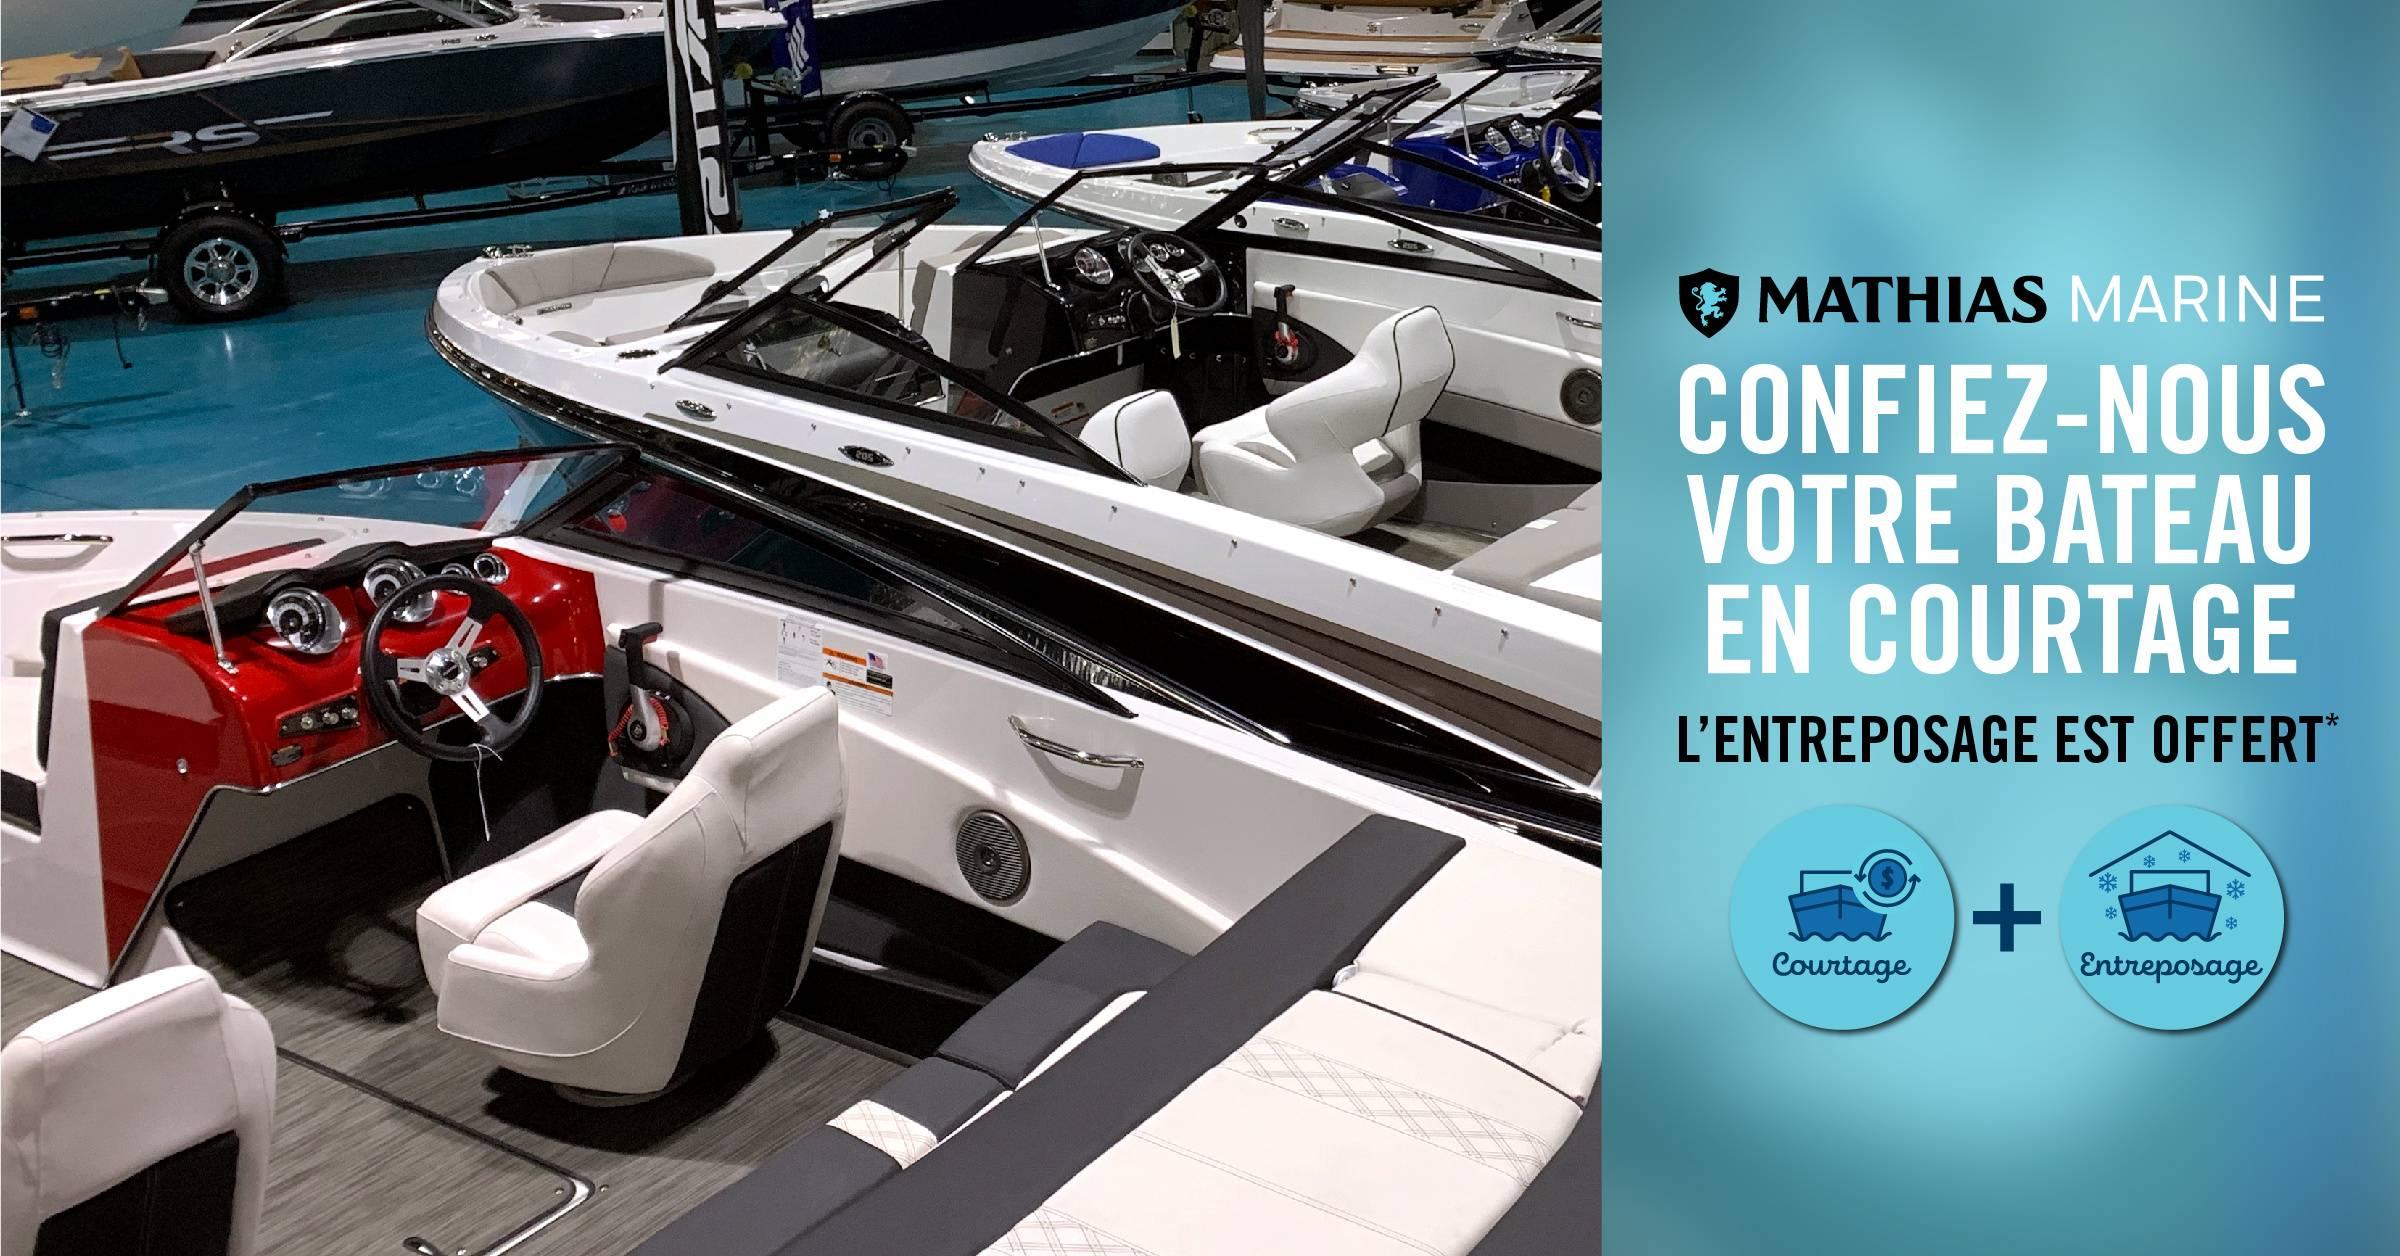 Confiez-nous votre bateau en courtage: votre entreposage pourrait être gratuit!